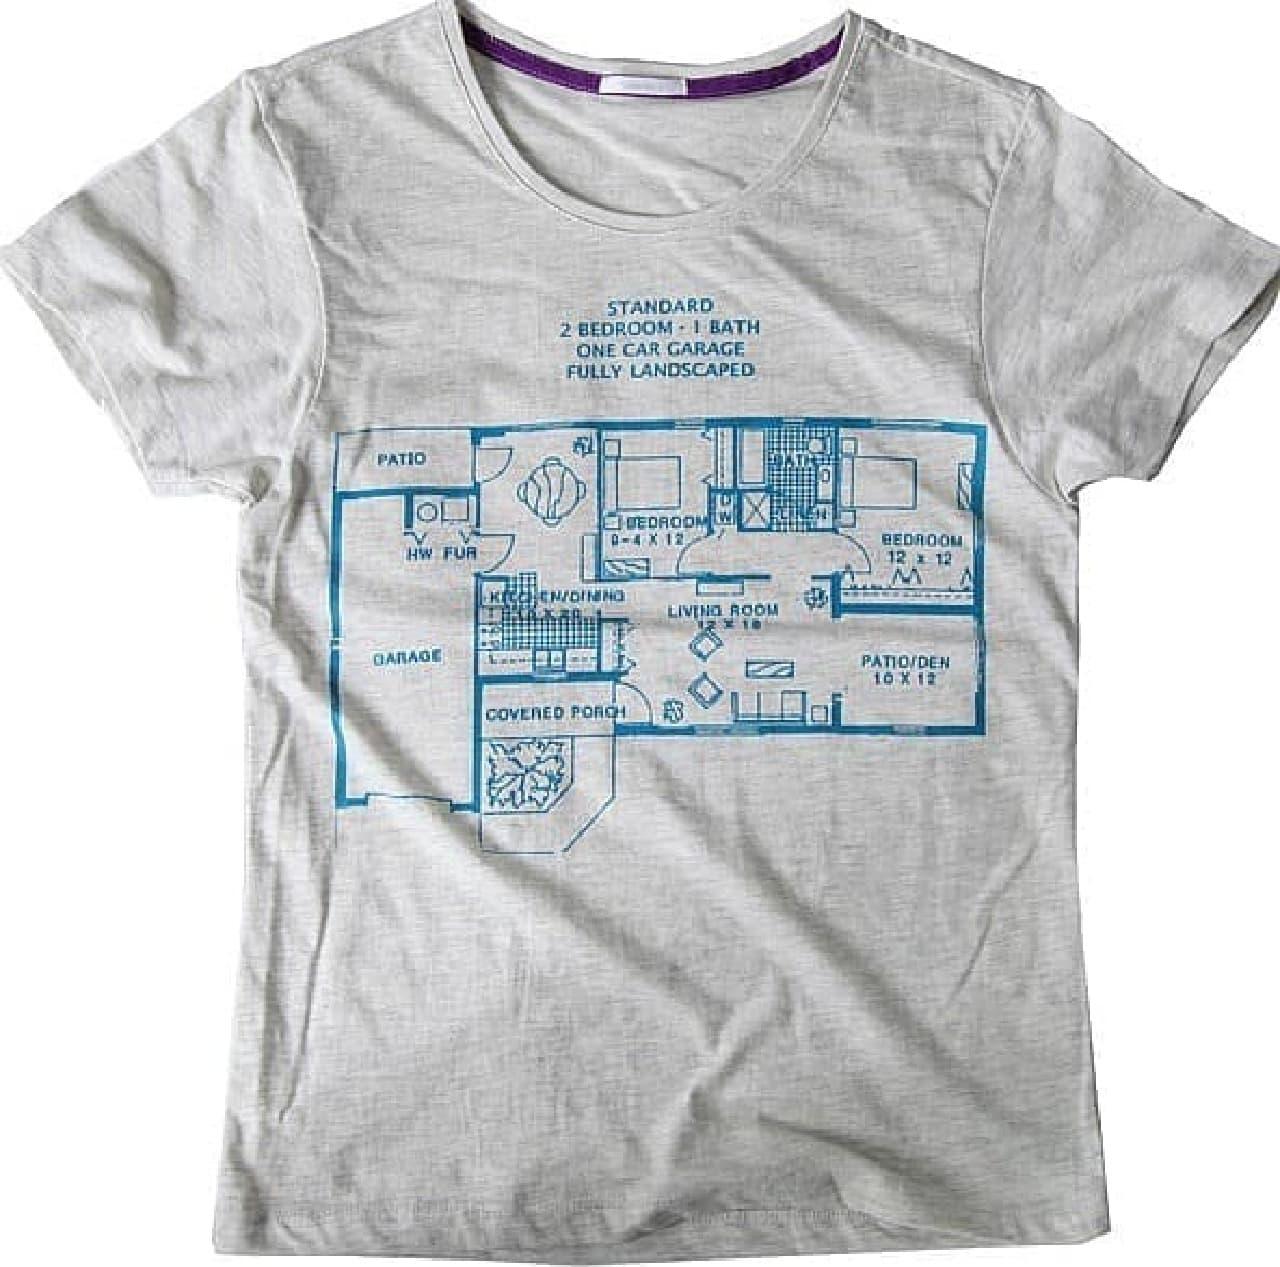 ニューヨークの間取りがプリントされた「間取り II デザインTシャツ」